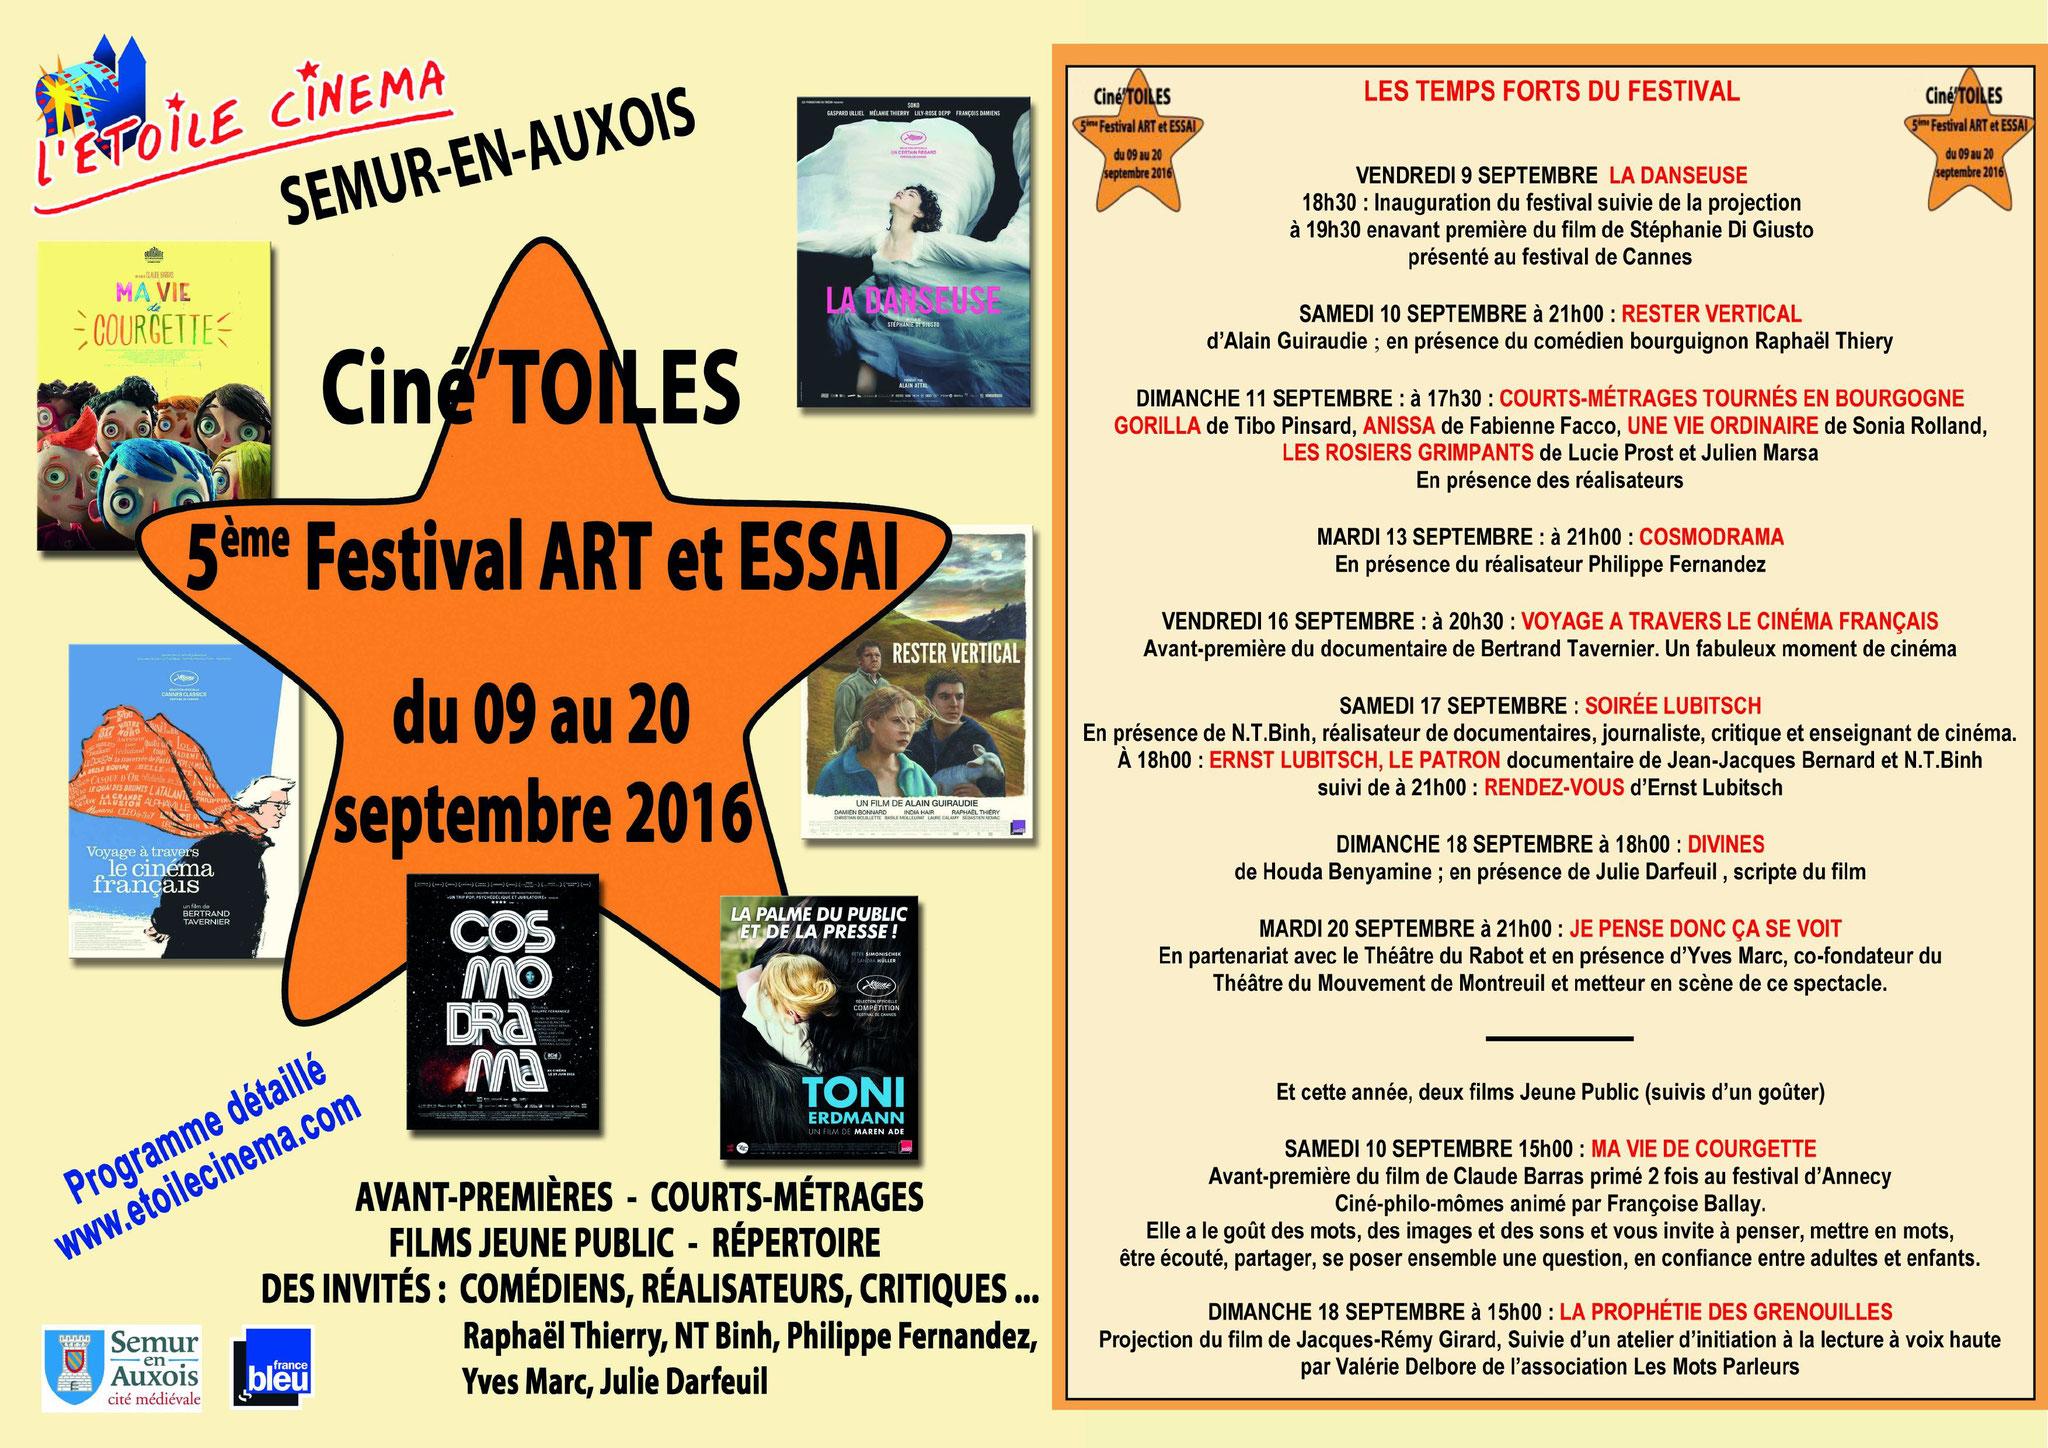 Festival Ciné'toiles 2016